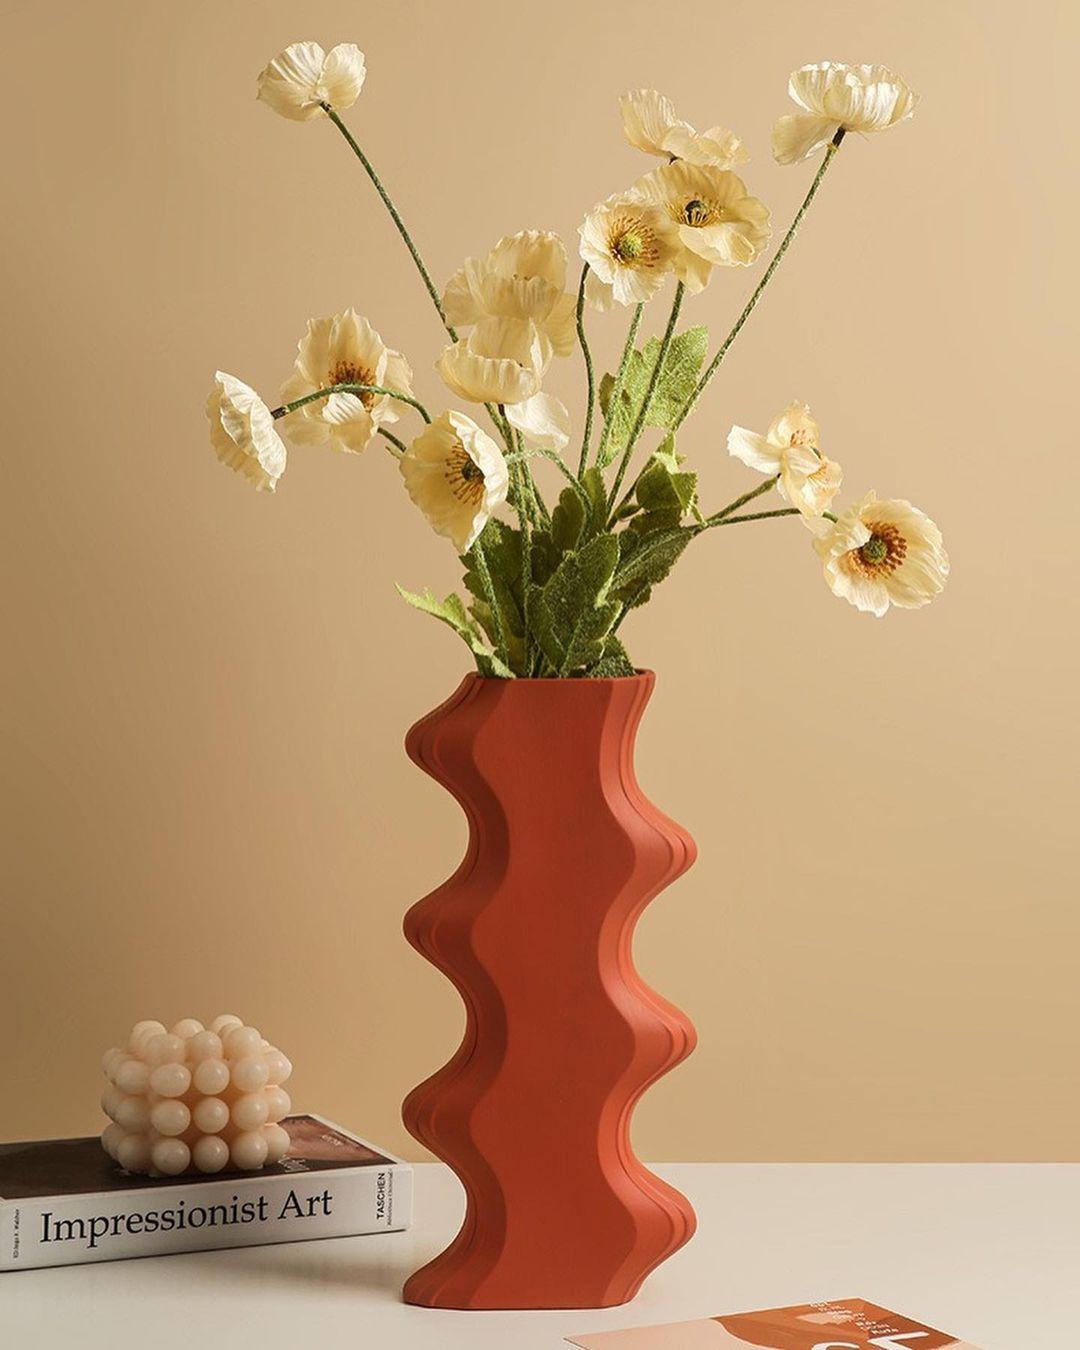 9 bình hoa siêu xinh cắm hoa auto đẹp: Mua tặng mẹ hay nửa kia dịp 8/3 đều ưng - Ảnh 8.